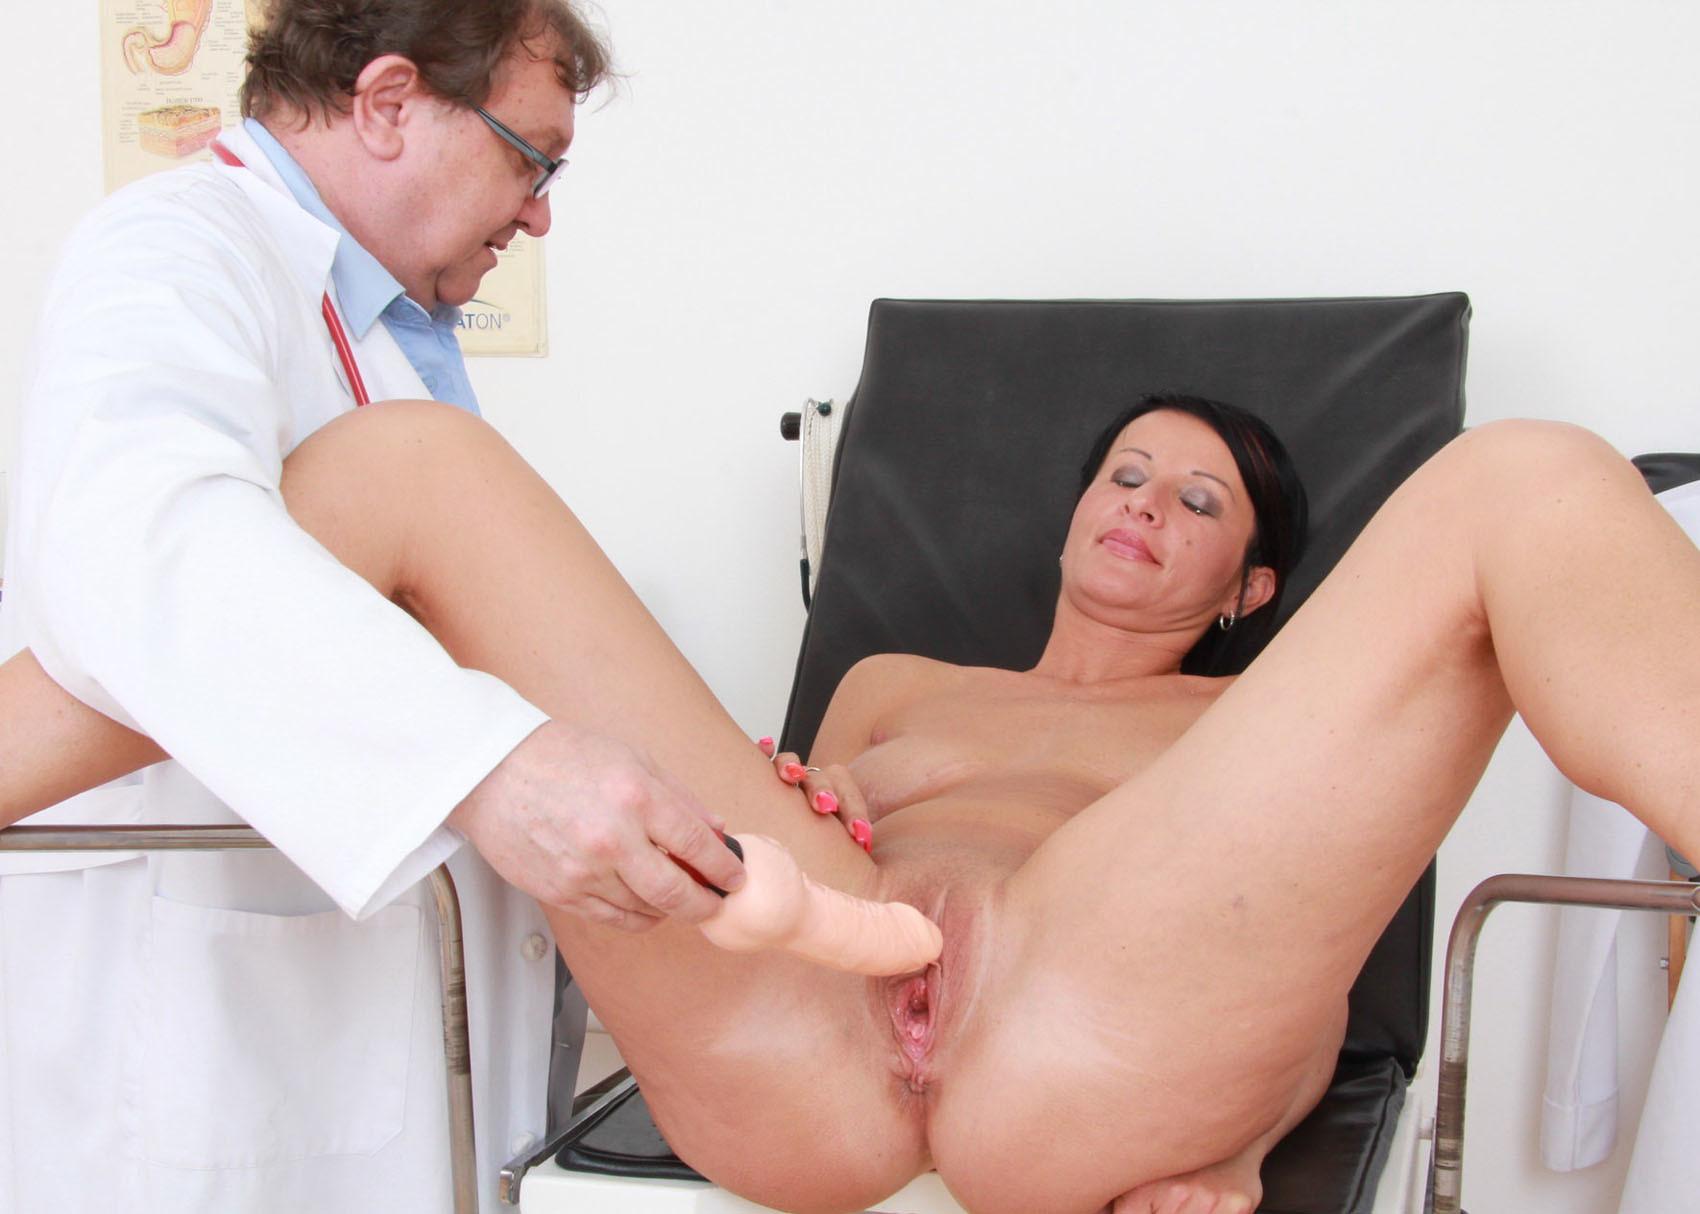 Развратная порнушка с игрушками у гинеколога